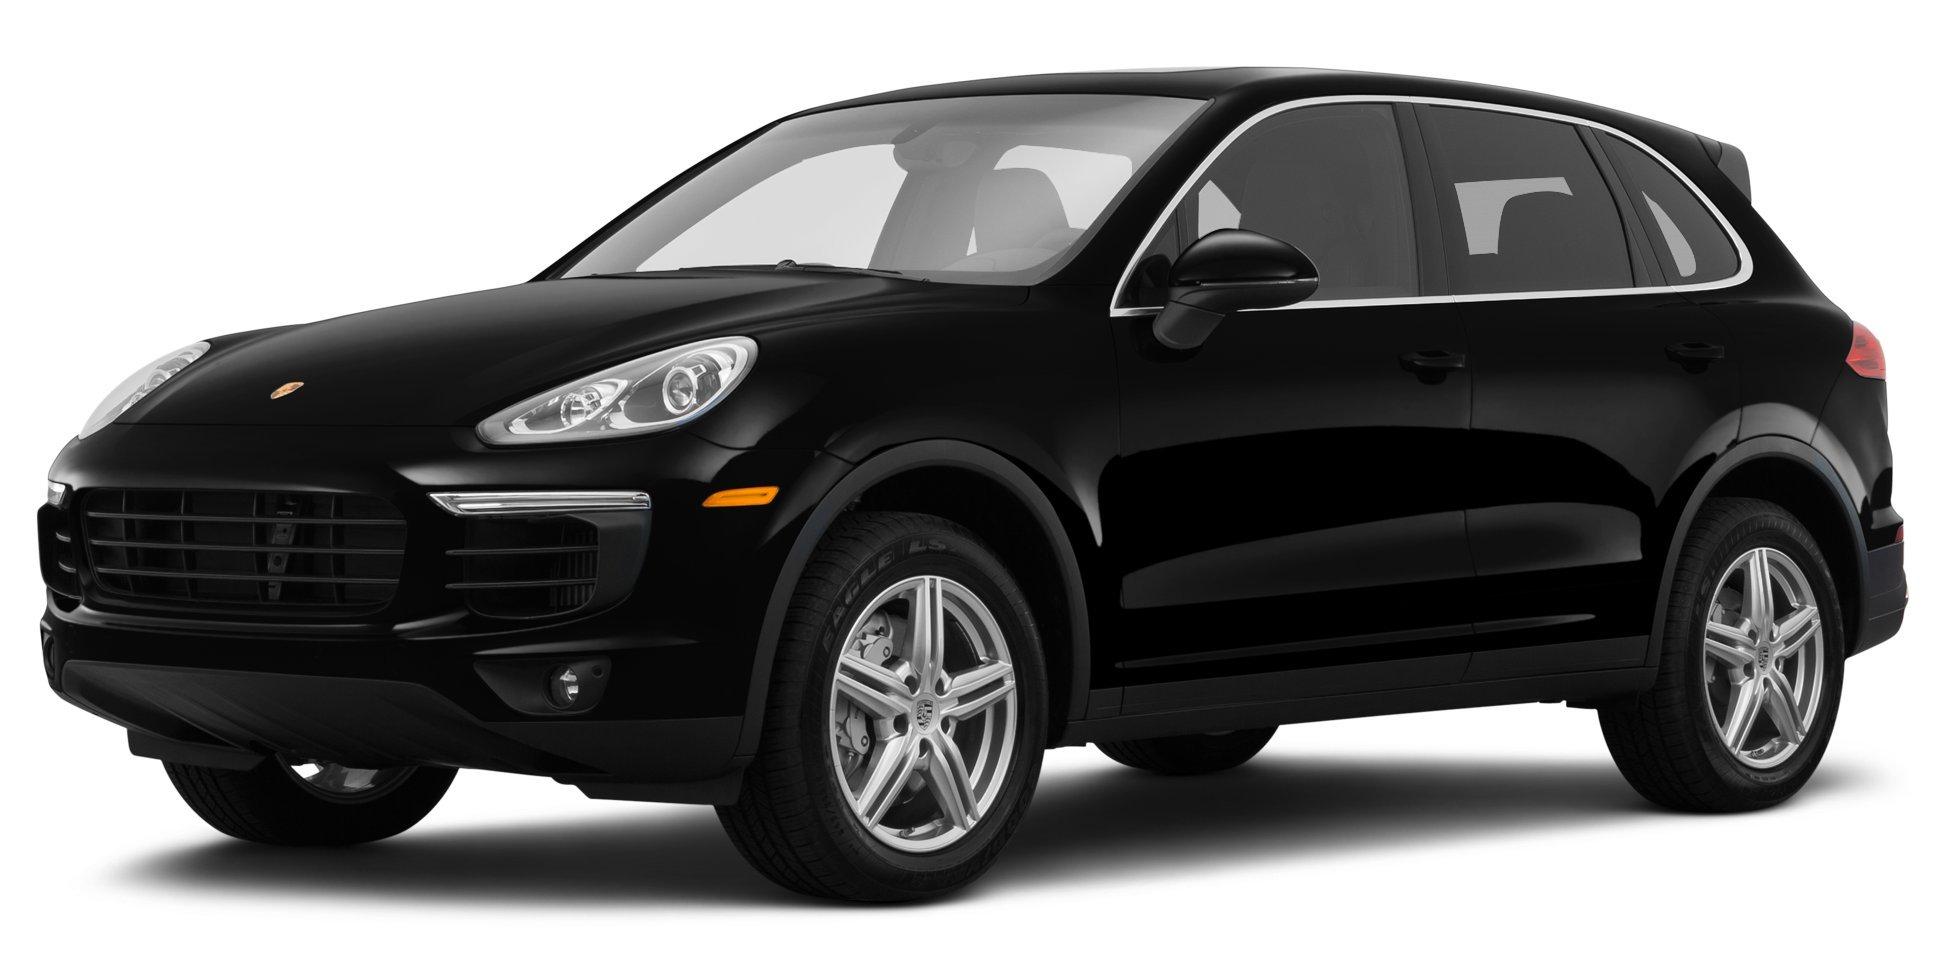 2015 porsche cayenne diesel all wheel drive 4 door - Porsche 2015 4 Door